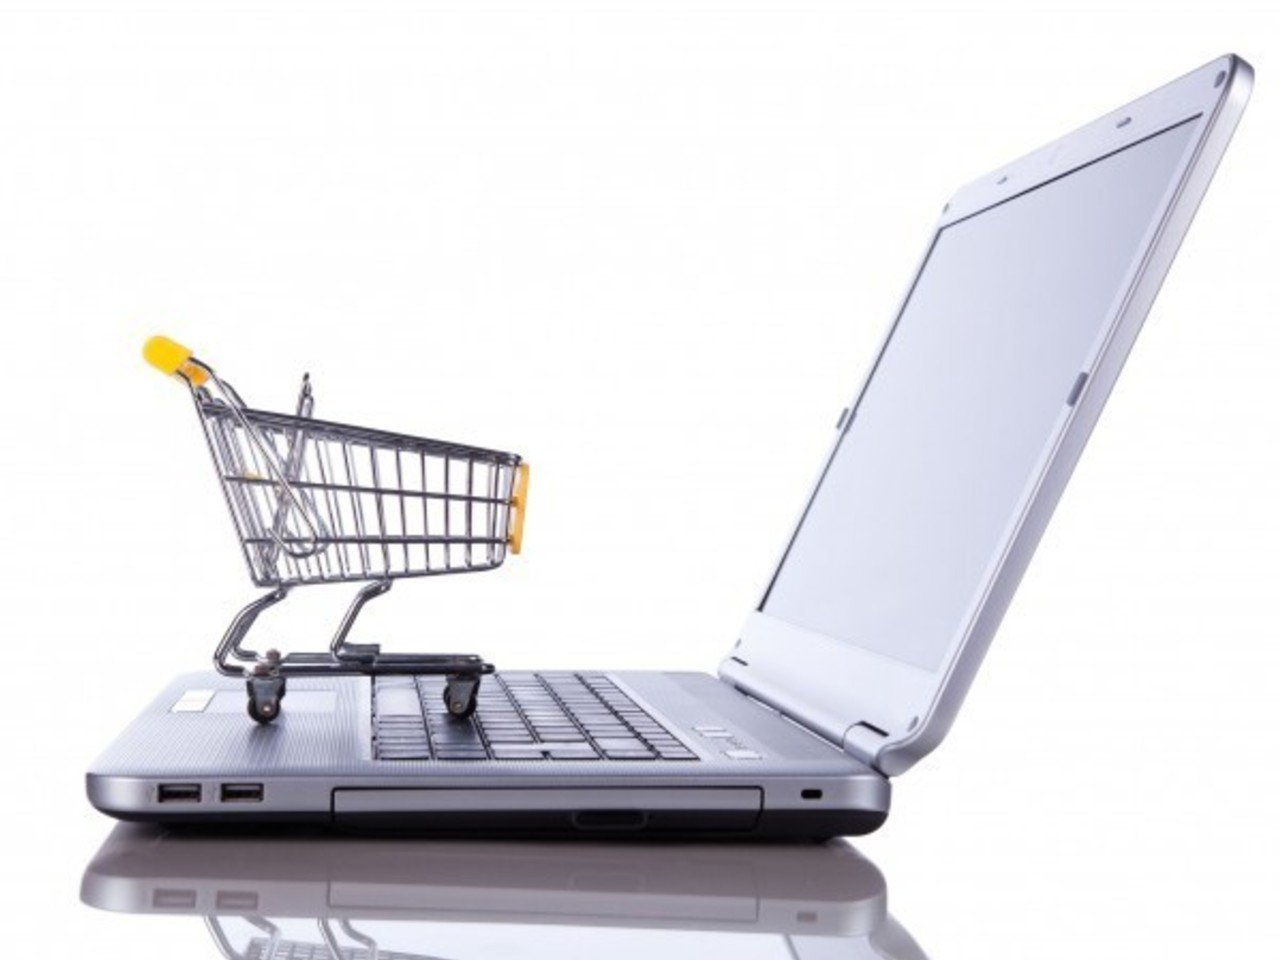 Virtual shopping using VR